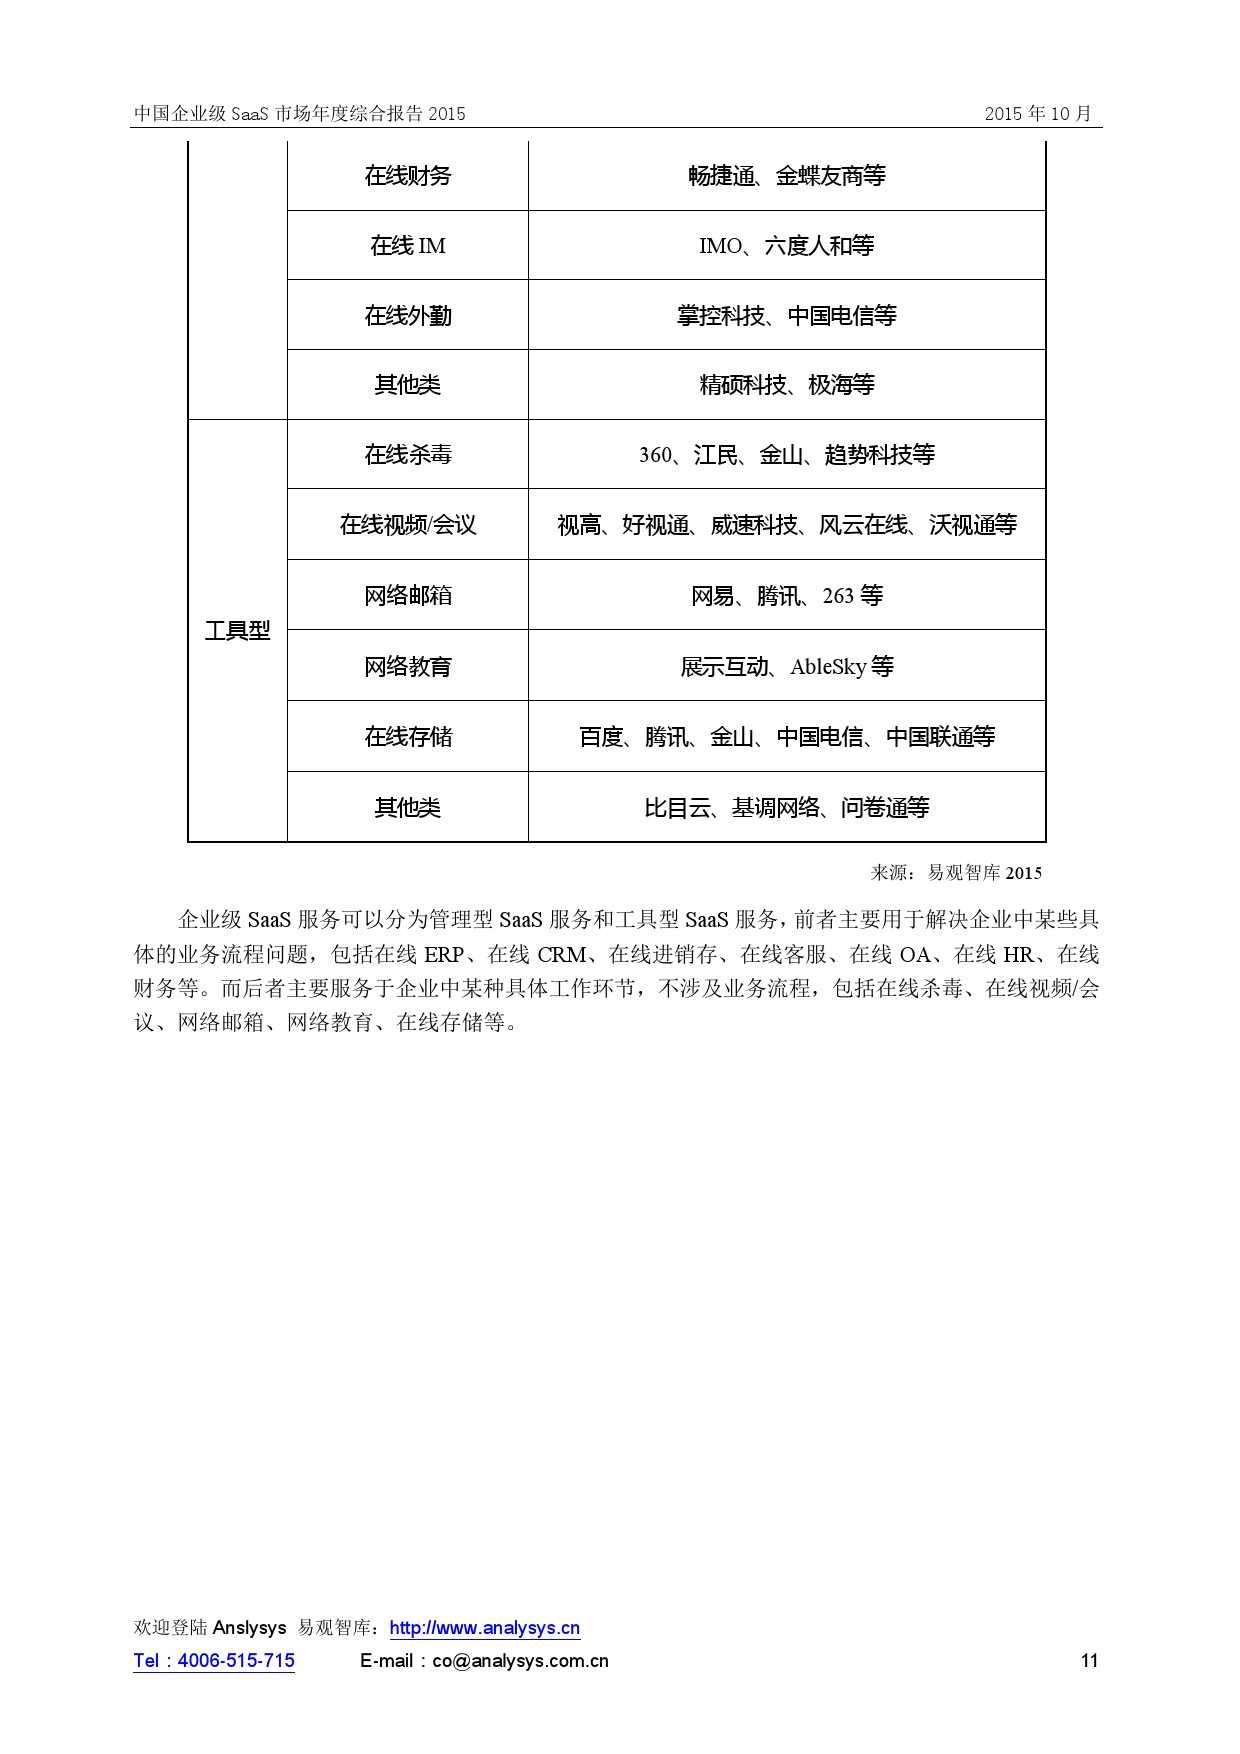 中国企业级SaaS市场年度综合报告2015 01_000011